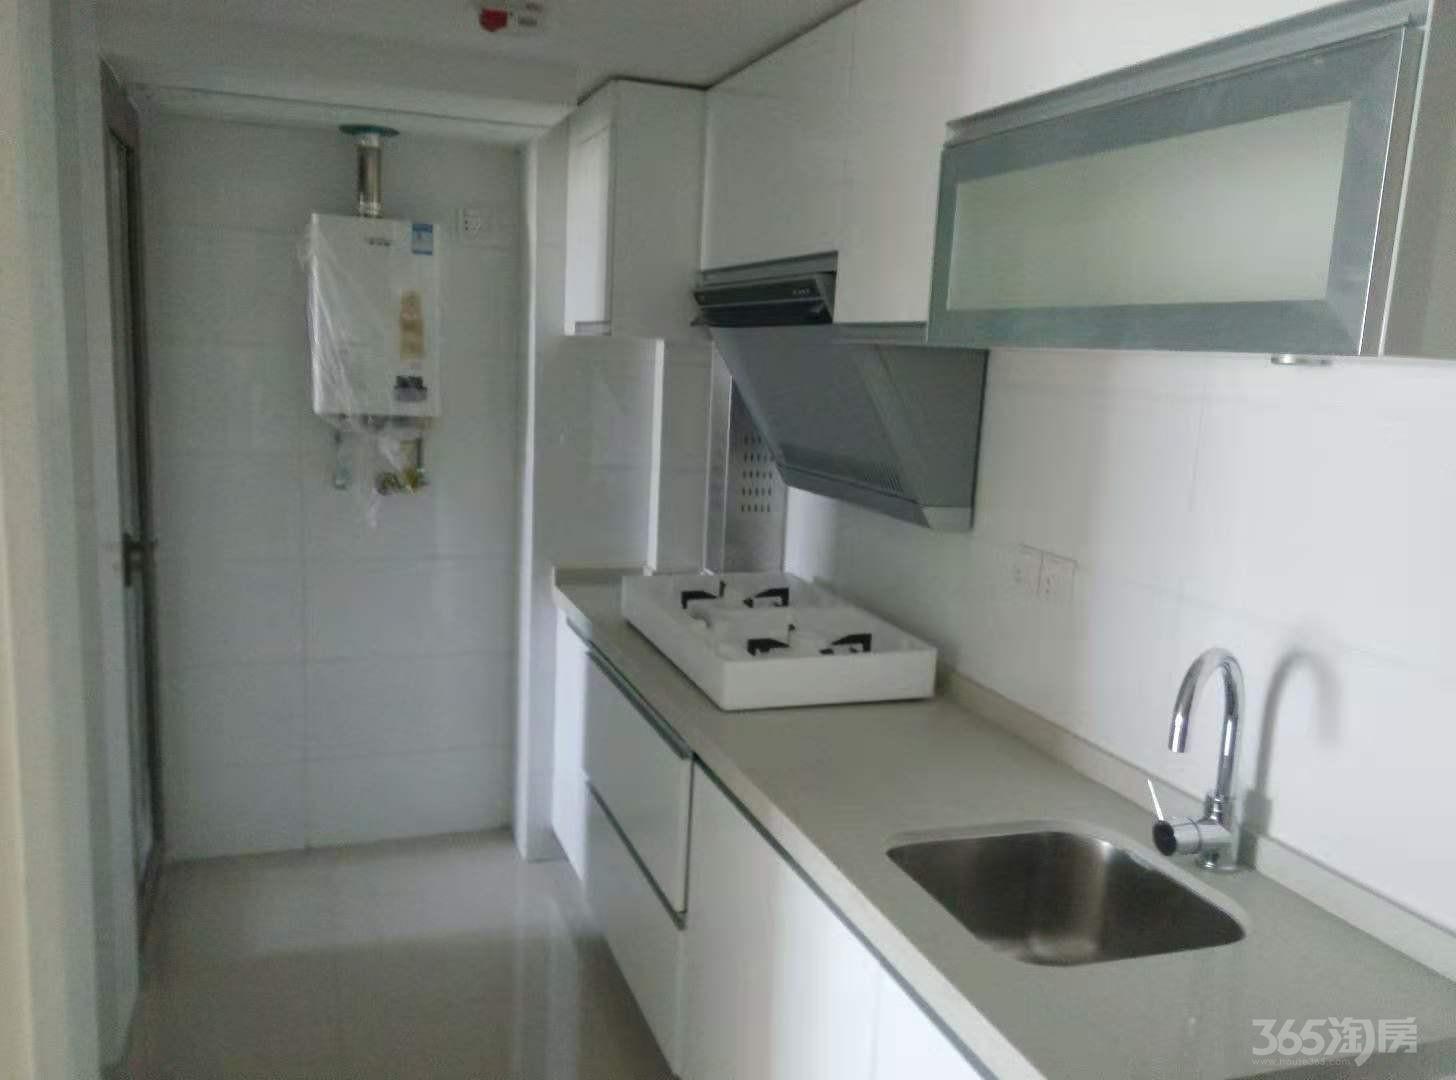 紫荆国际公寓2室1厅2卫155万元50.31平方